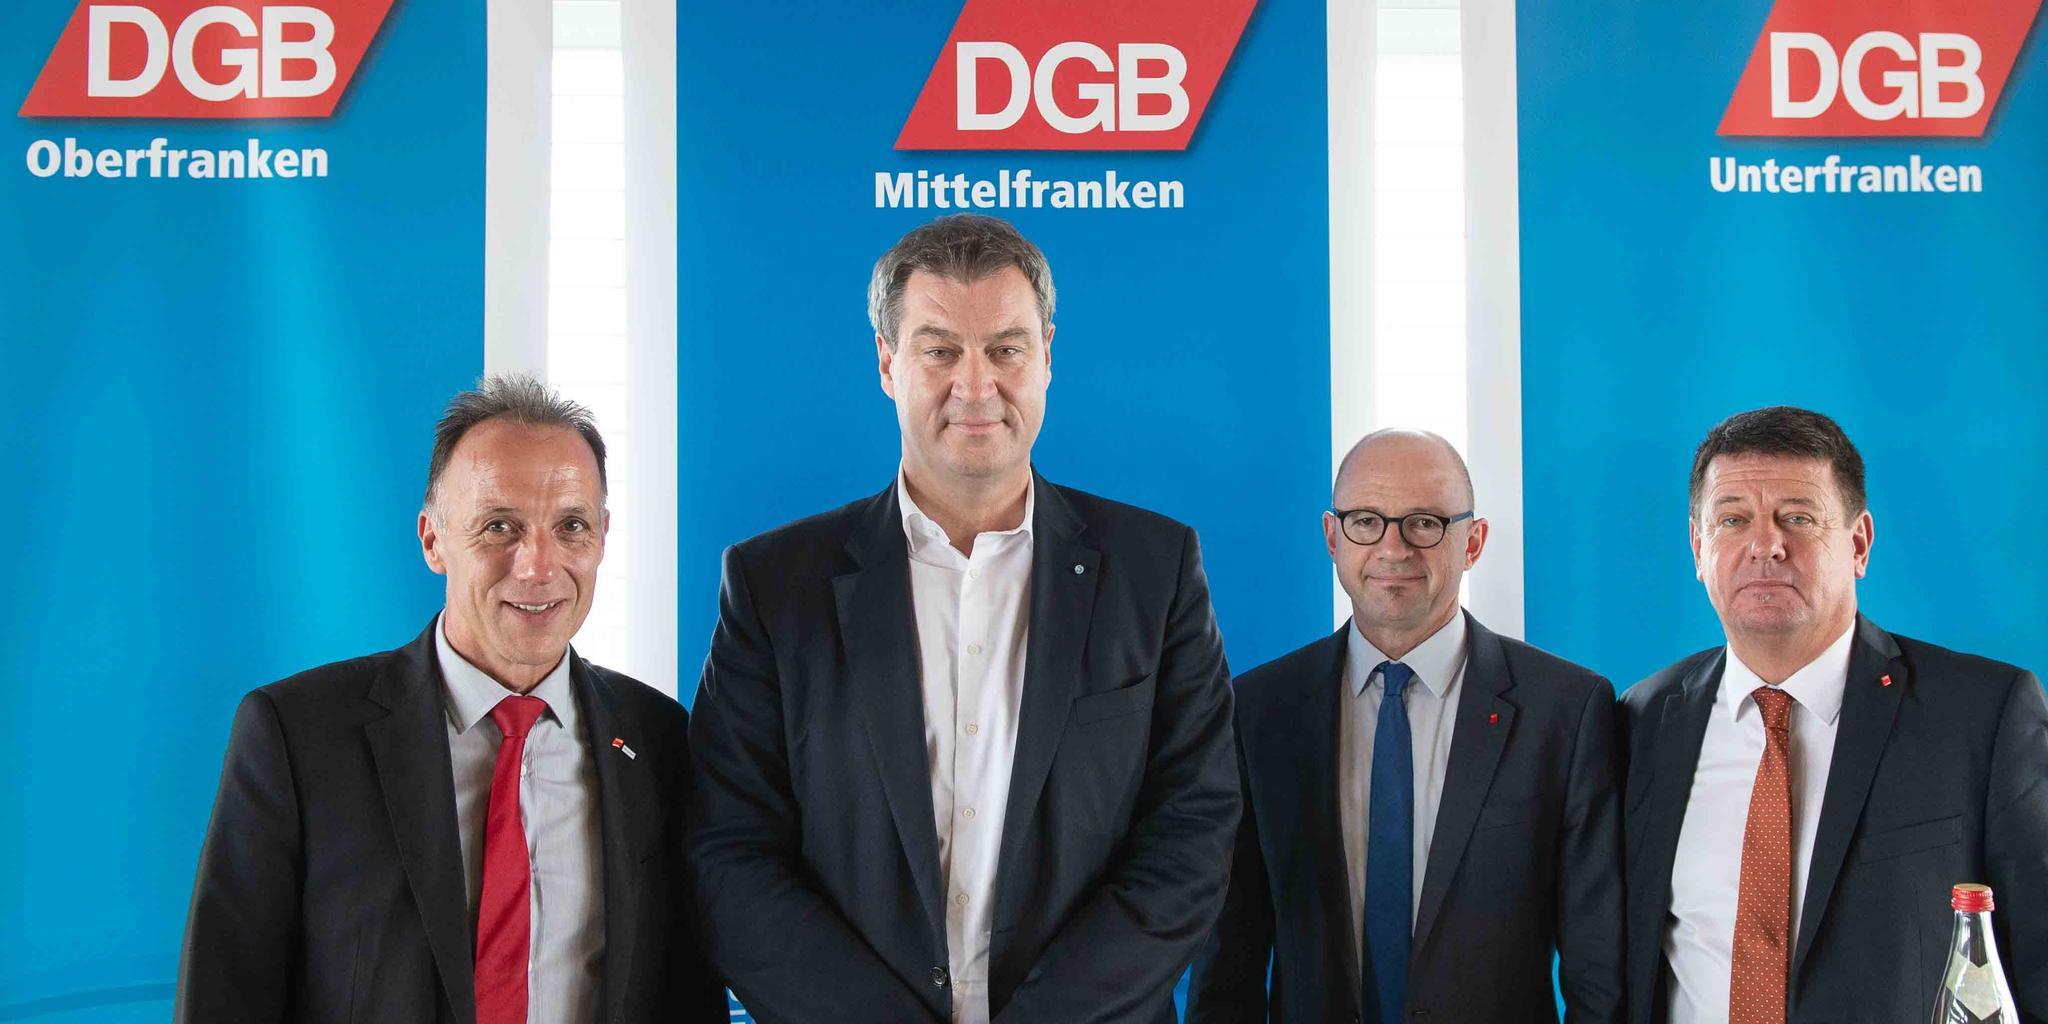 DGB im Gespräch mit Ministerpräsident Söder